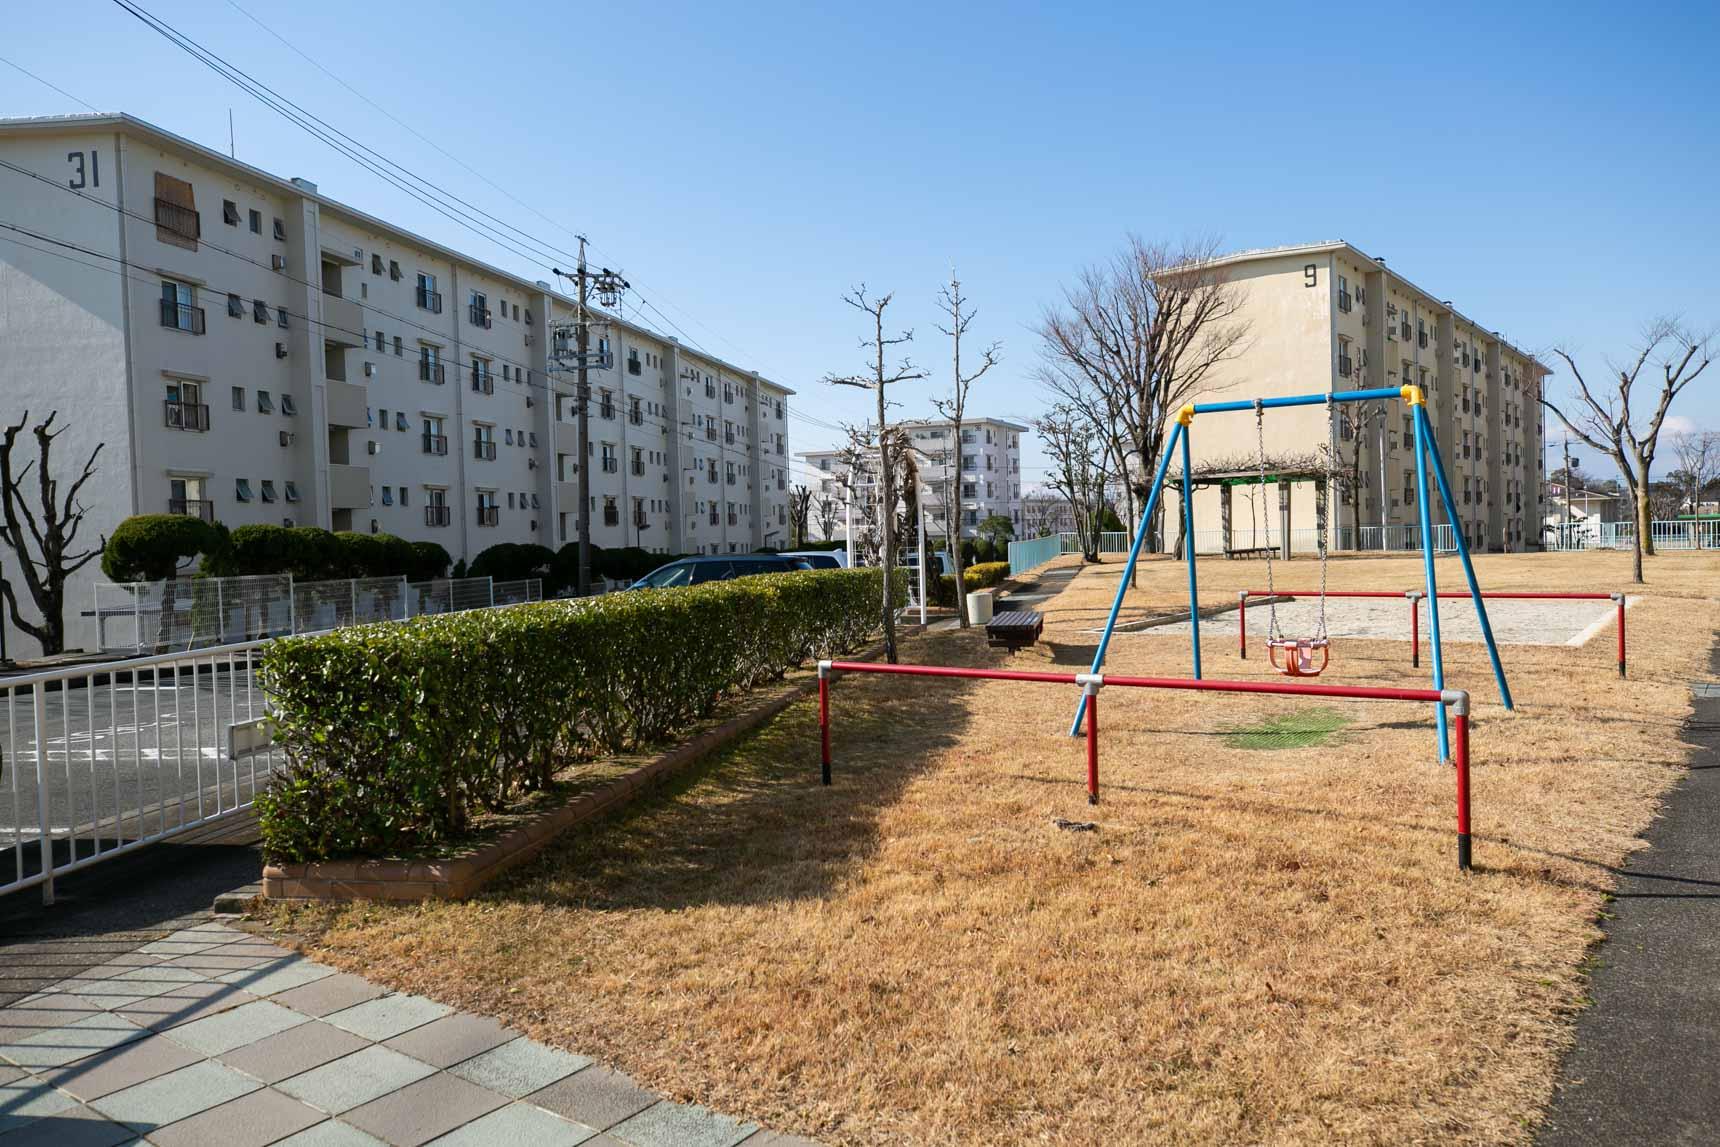 遊具の設置された、ちょっとした公園もいたるところに。